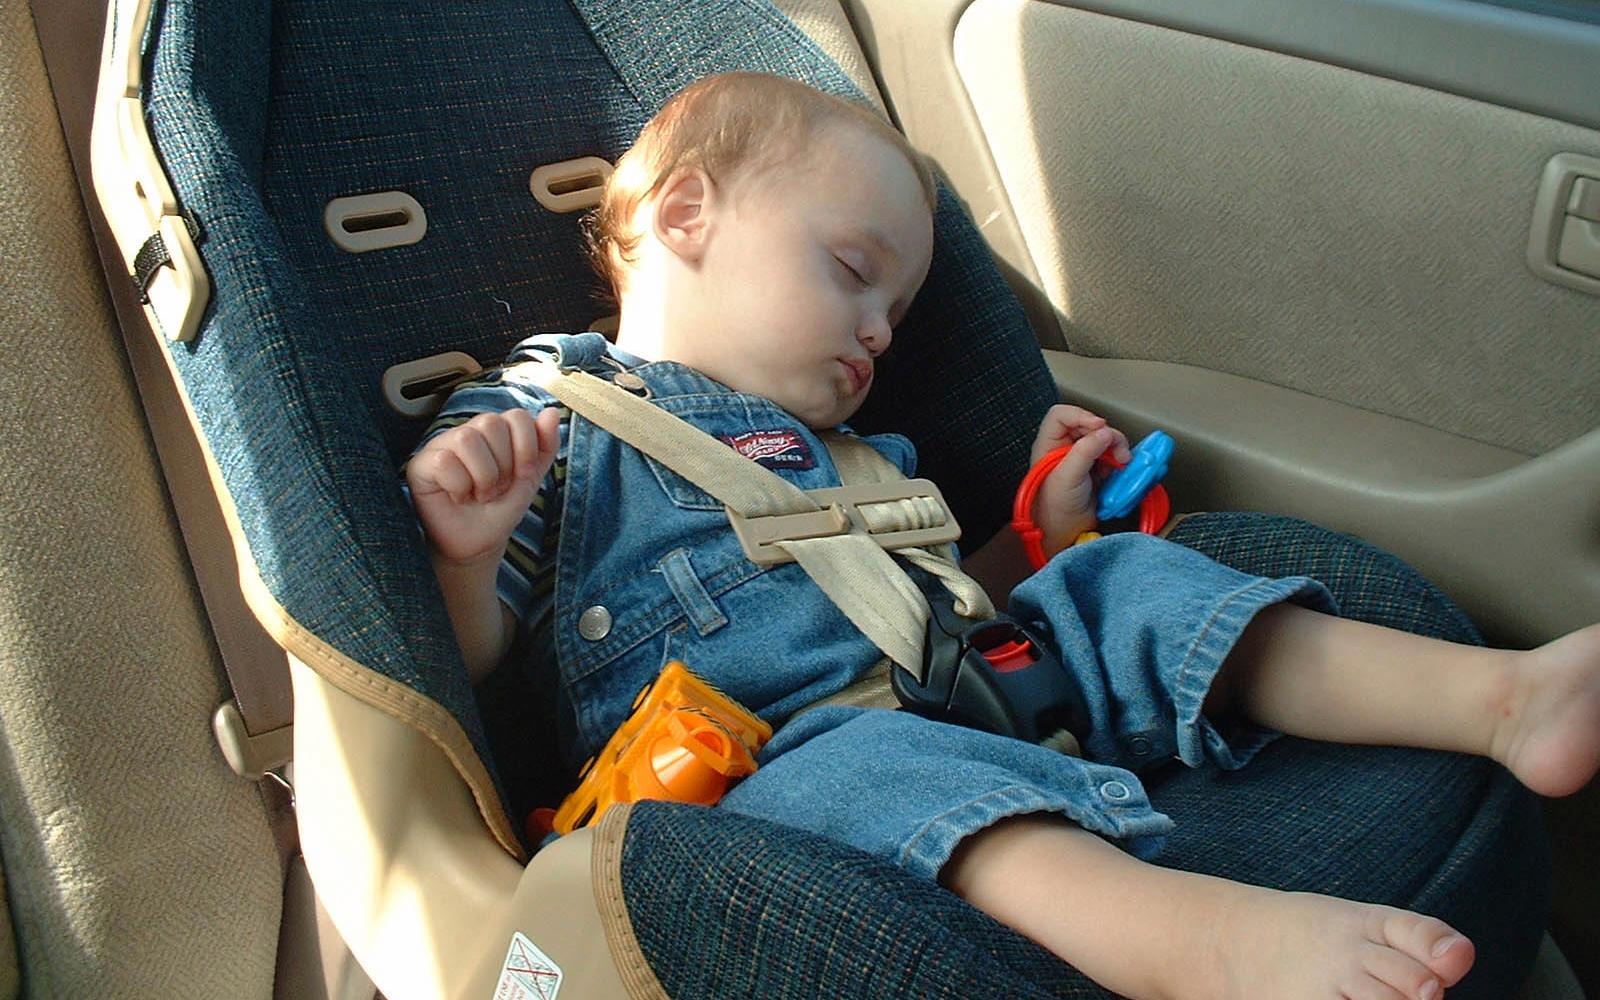 Đây là những việc cha mẹ phải nhớ kỹ khi cho con đi ô tô trong những ngày nắng nóng như đổ lửa